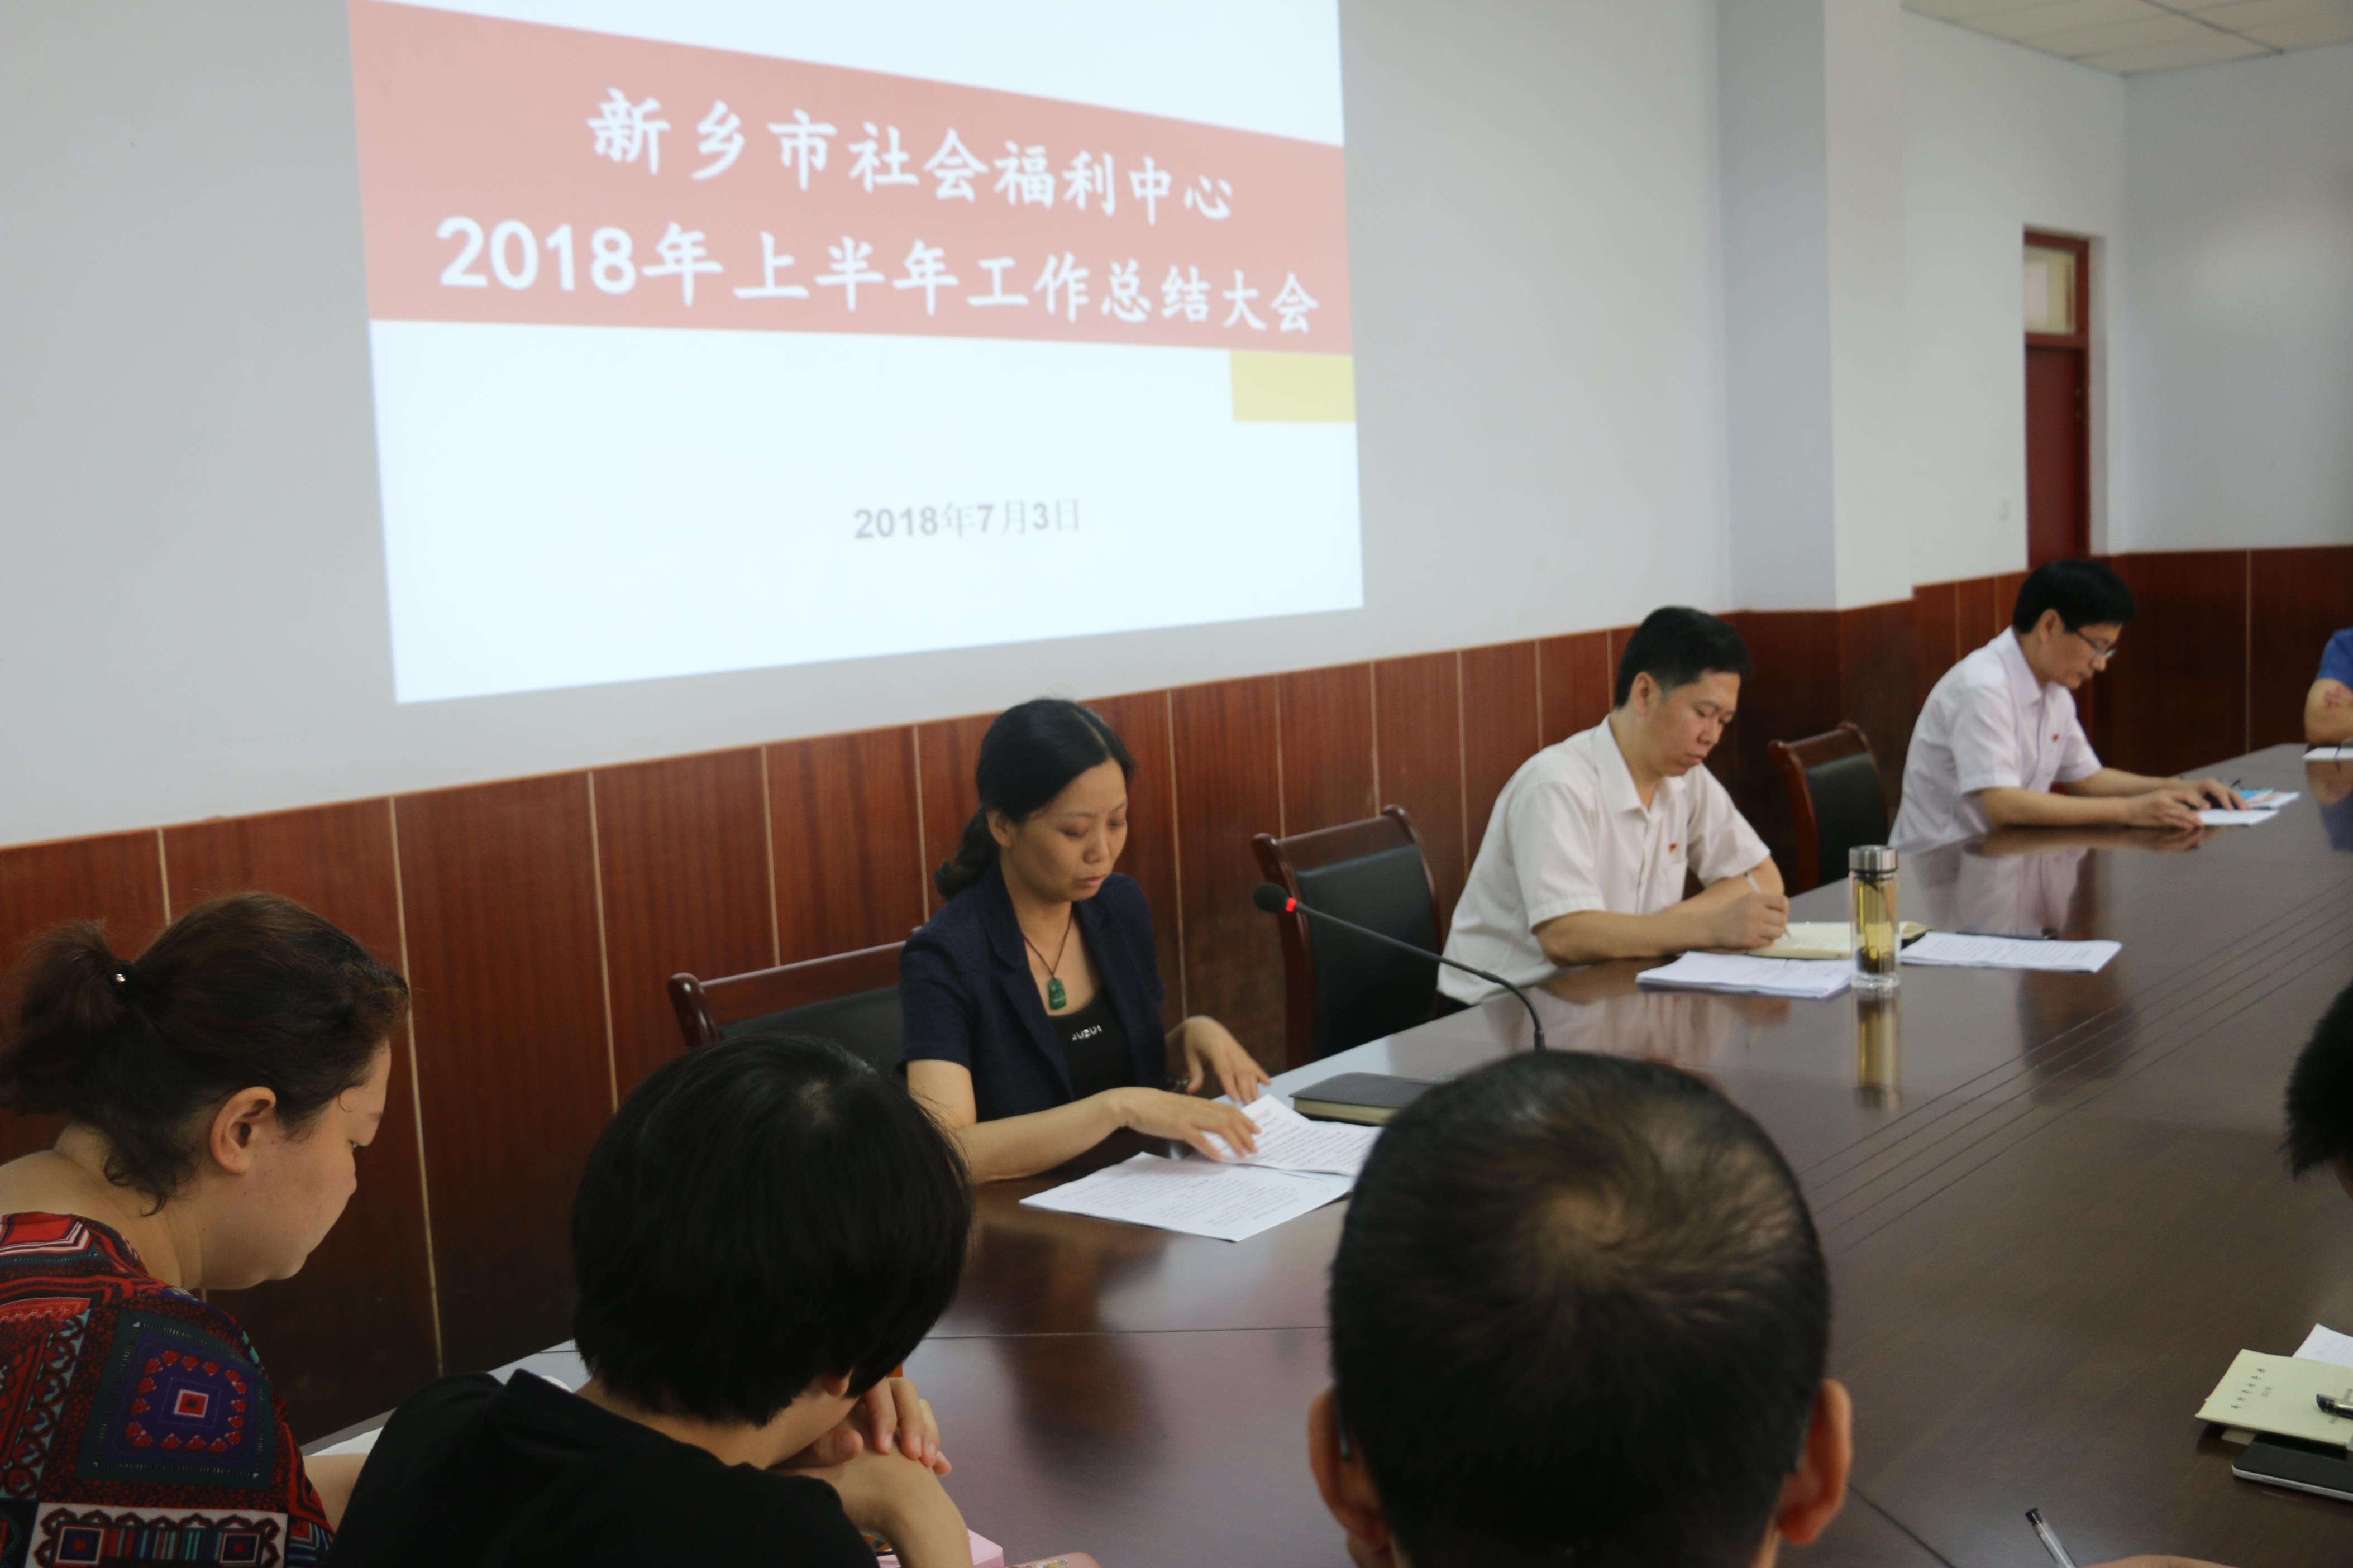 新乡市社会福利中心召开2018年上半年工作总结大会暨消防安全知识培训会